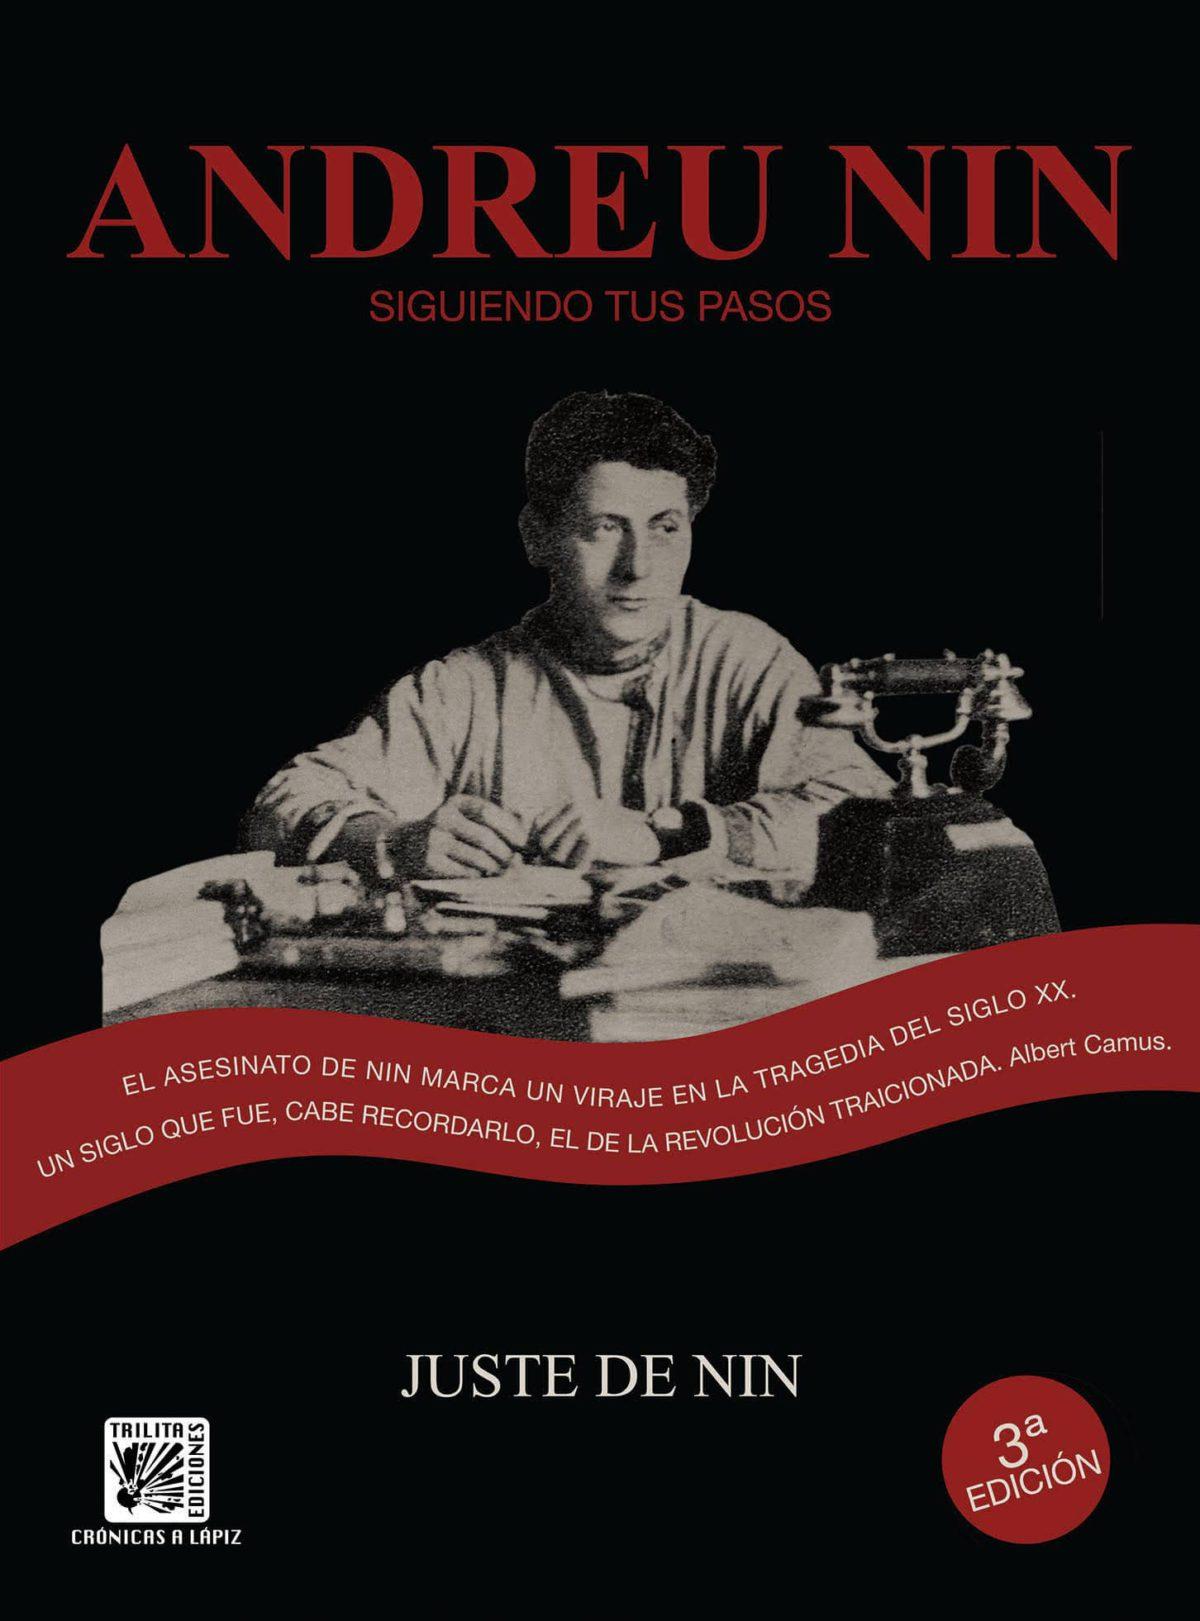 """OFERTA FIN DE AÑO. Álbum """"Andreu Nin. Siguiendo tus pasos"""", de Lluís Juste de Nin"""